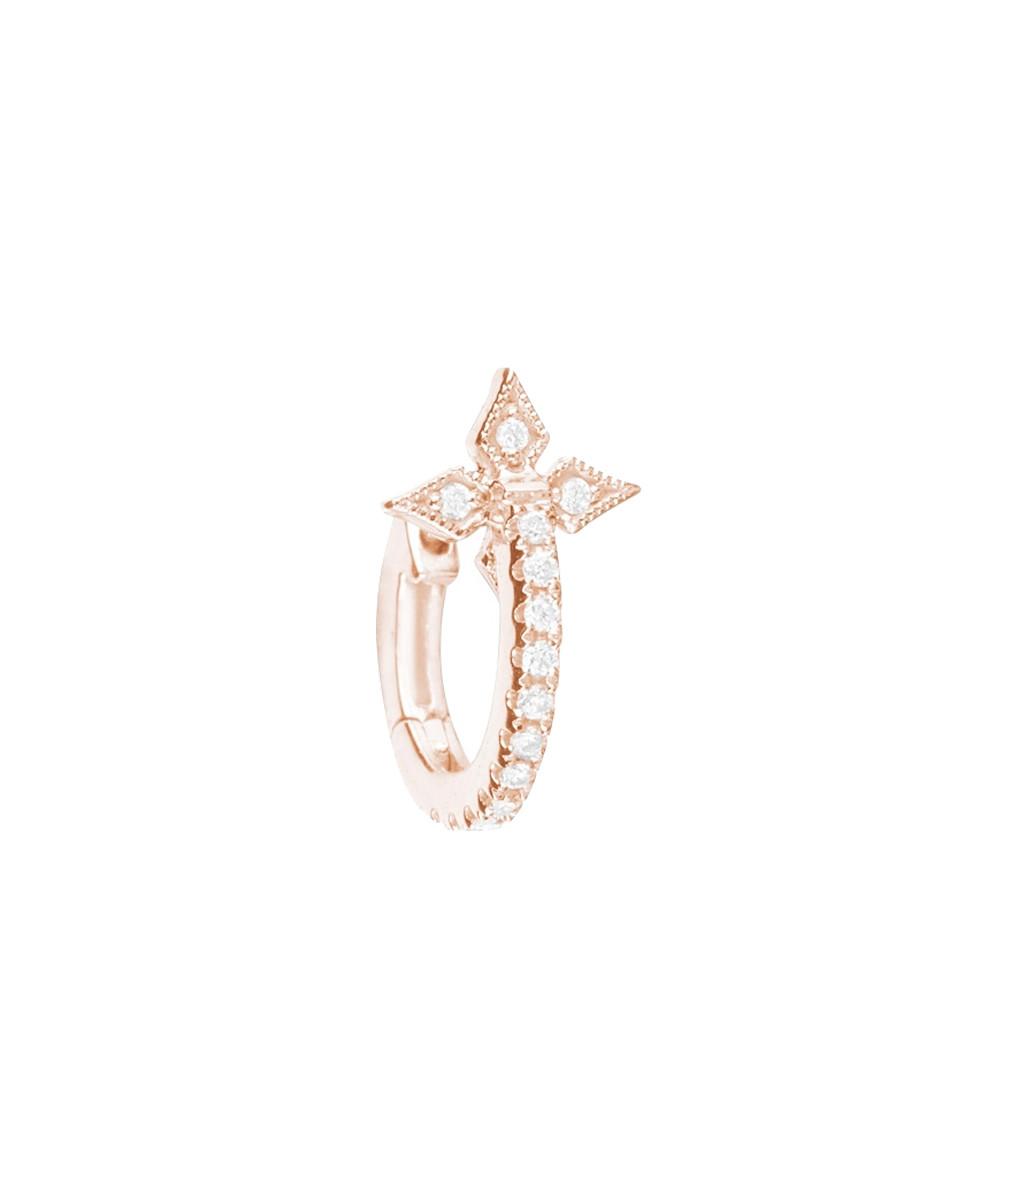 STONE PARIS - Mini Créole Croix Or Diamants (vendue à l'unité)